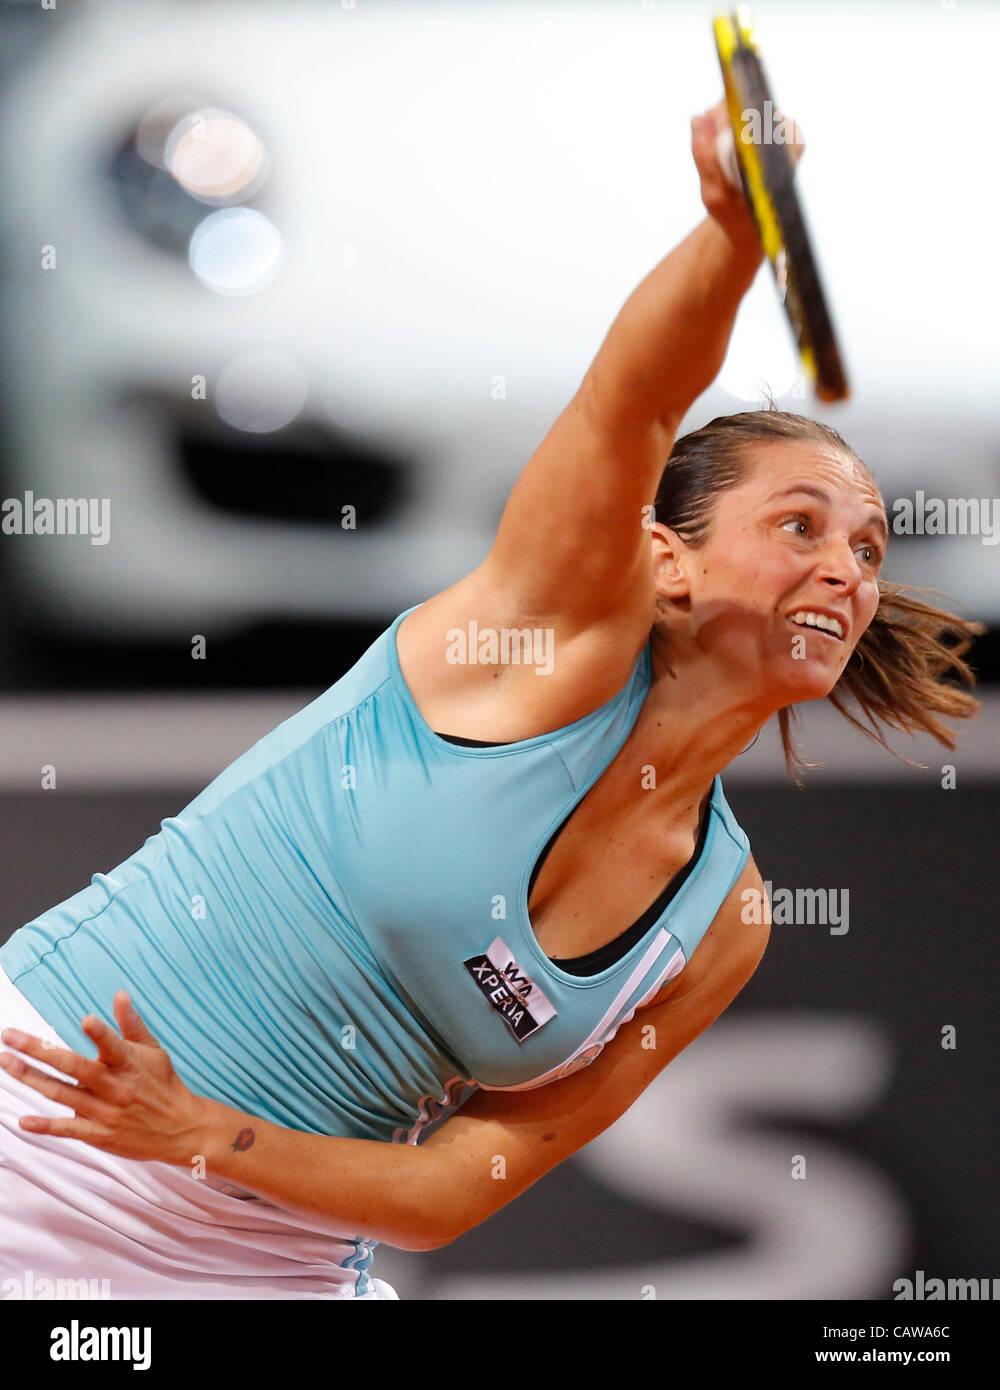 Roberta VINCI (ITA) Aktion Aufschlag,  Portrait, Kopf, Gesicht, Tennisball, Einzelbild   beim Porsche Tennis Grand - Stock Image